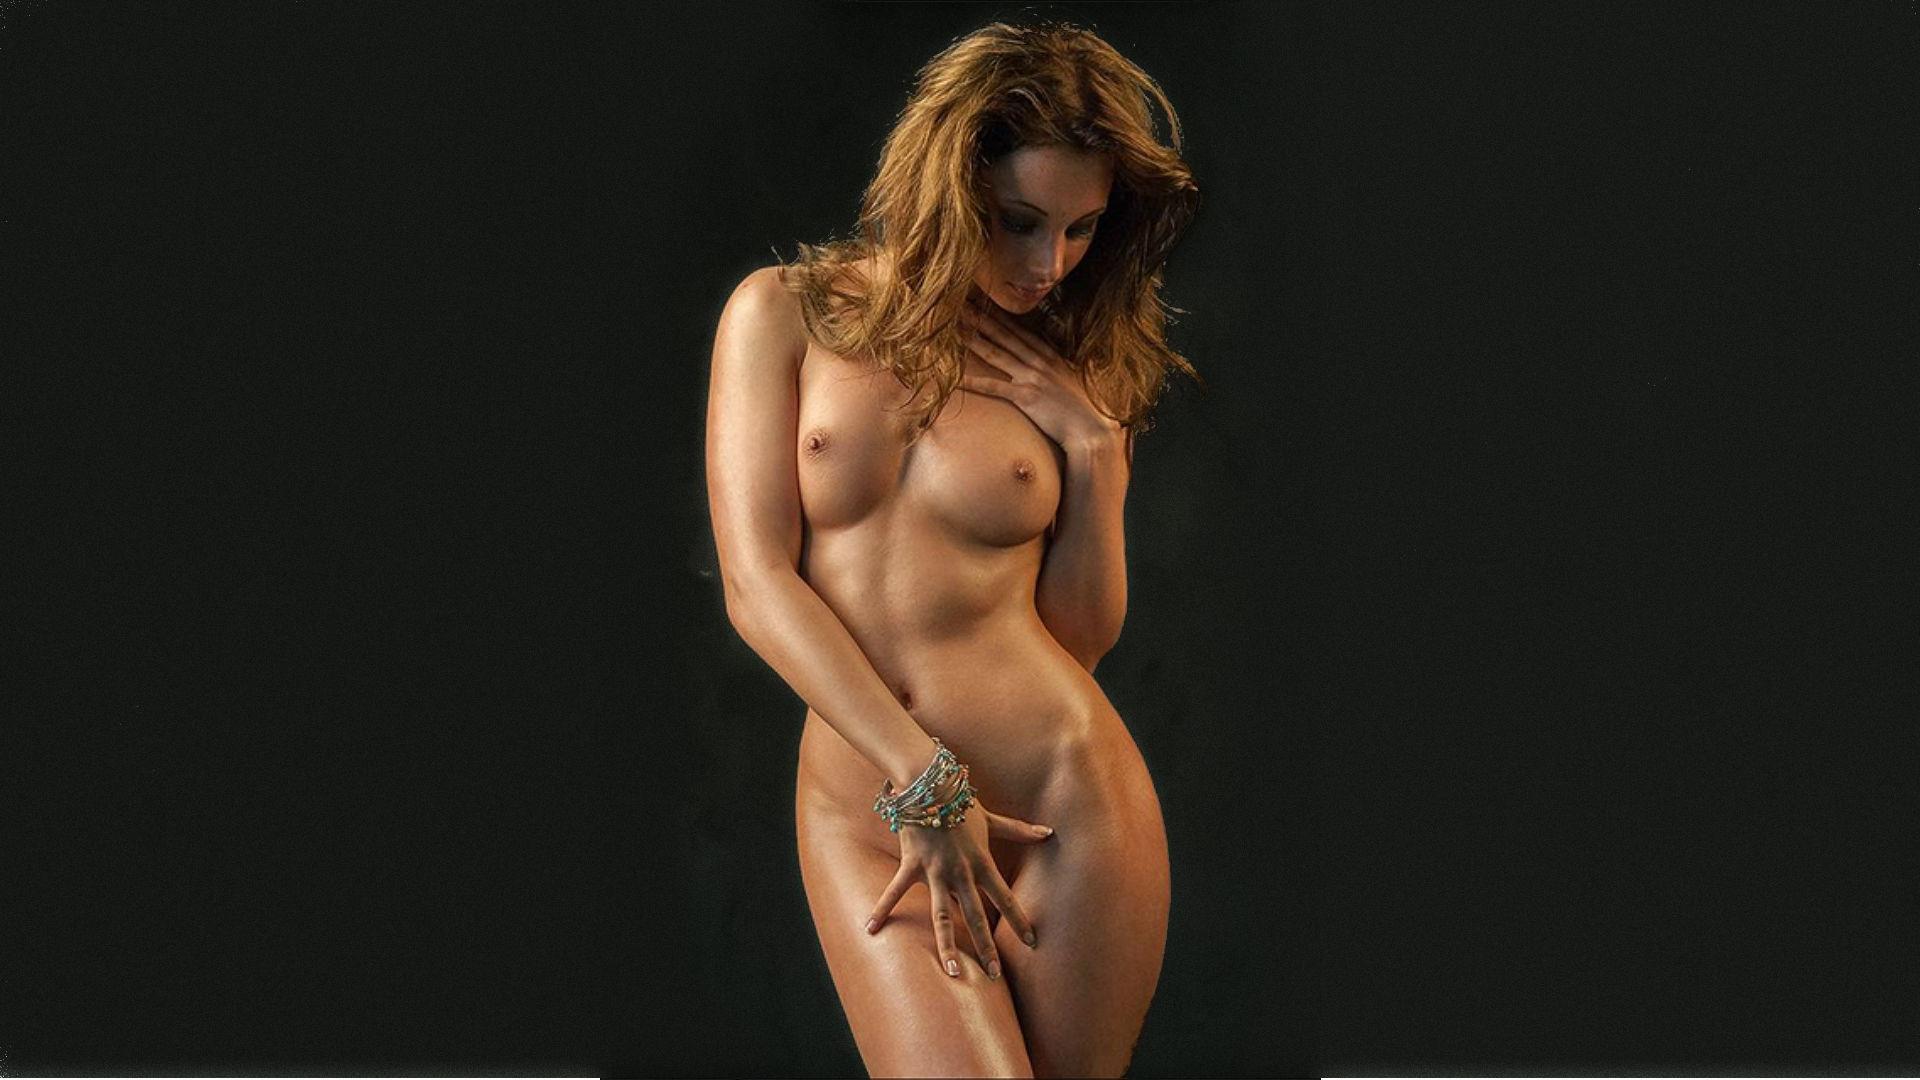 Порно секс  смотреть онлайн в отличном качестве hd 720